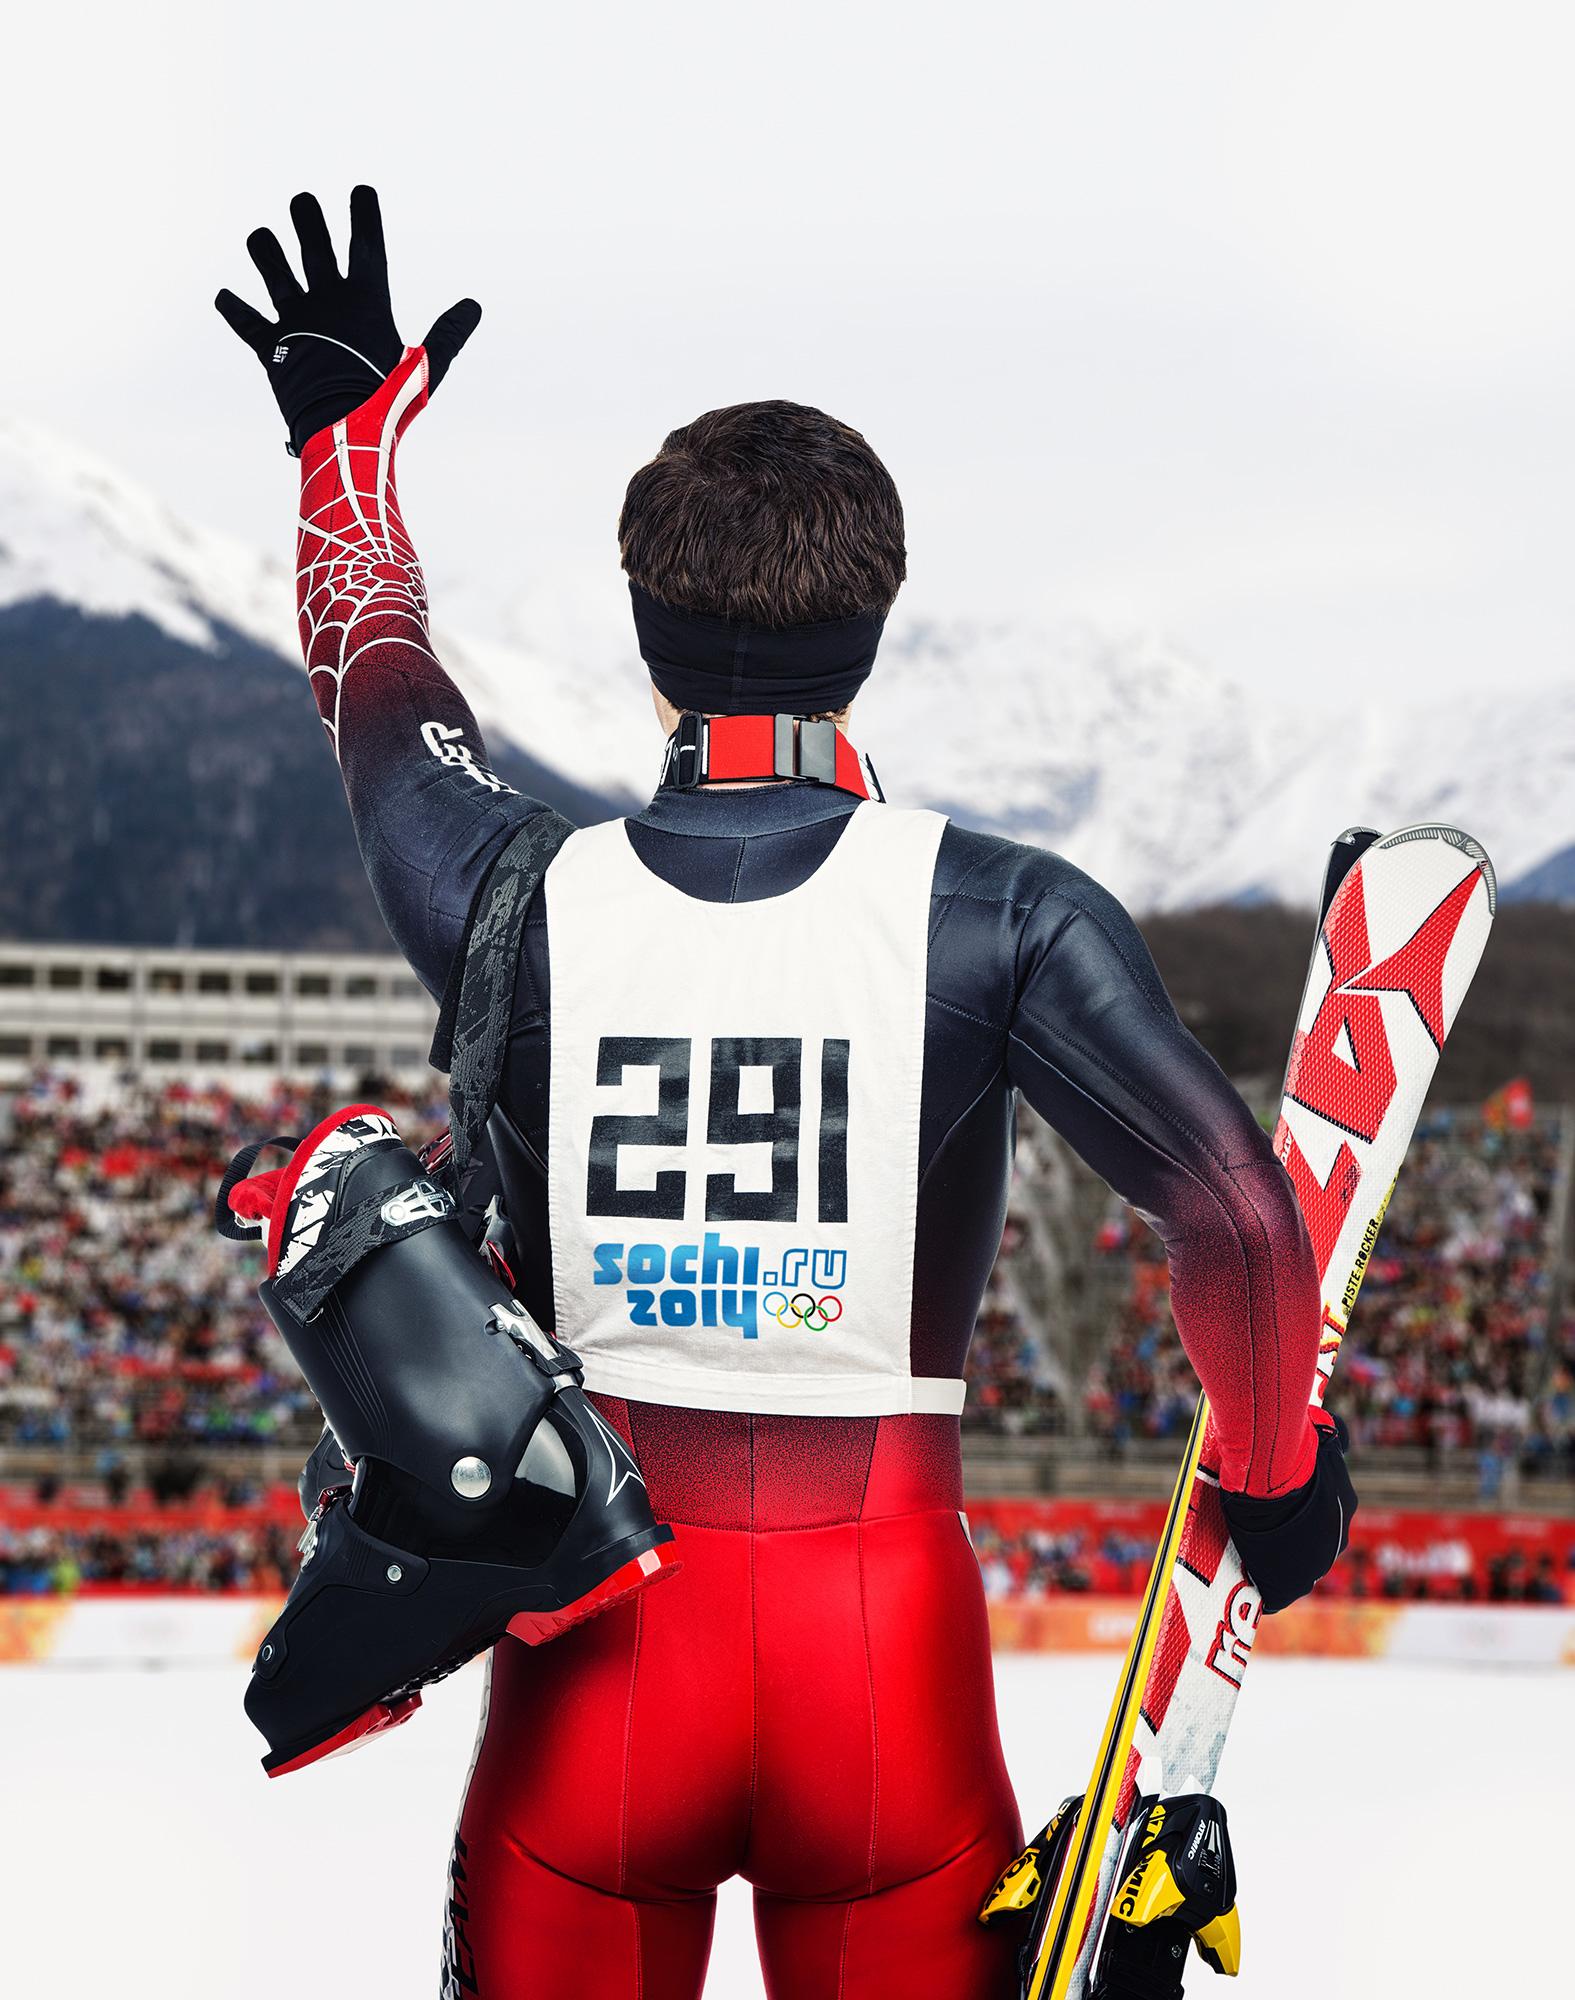 À ski! Photo : Marie-Pier Lafontaine & Remy Dussud